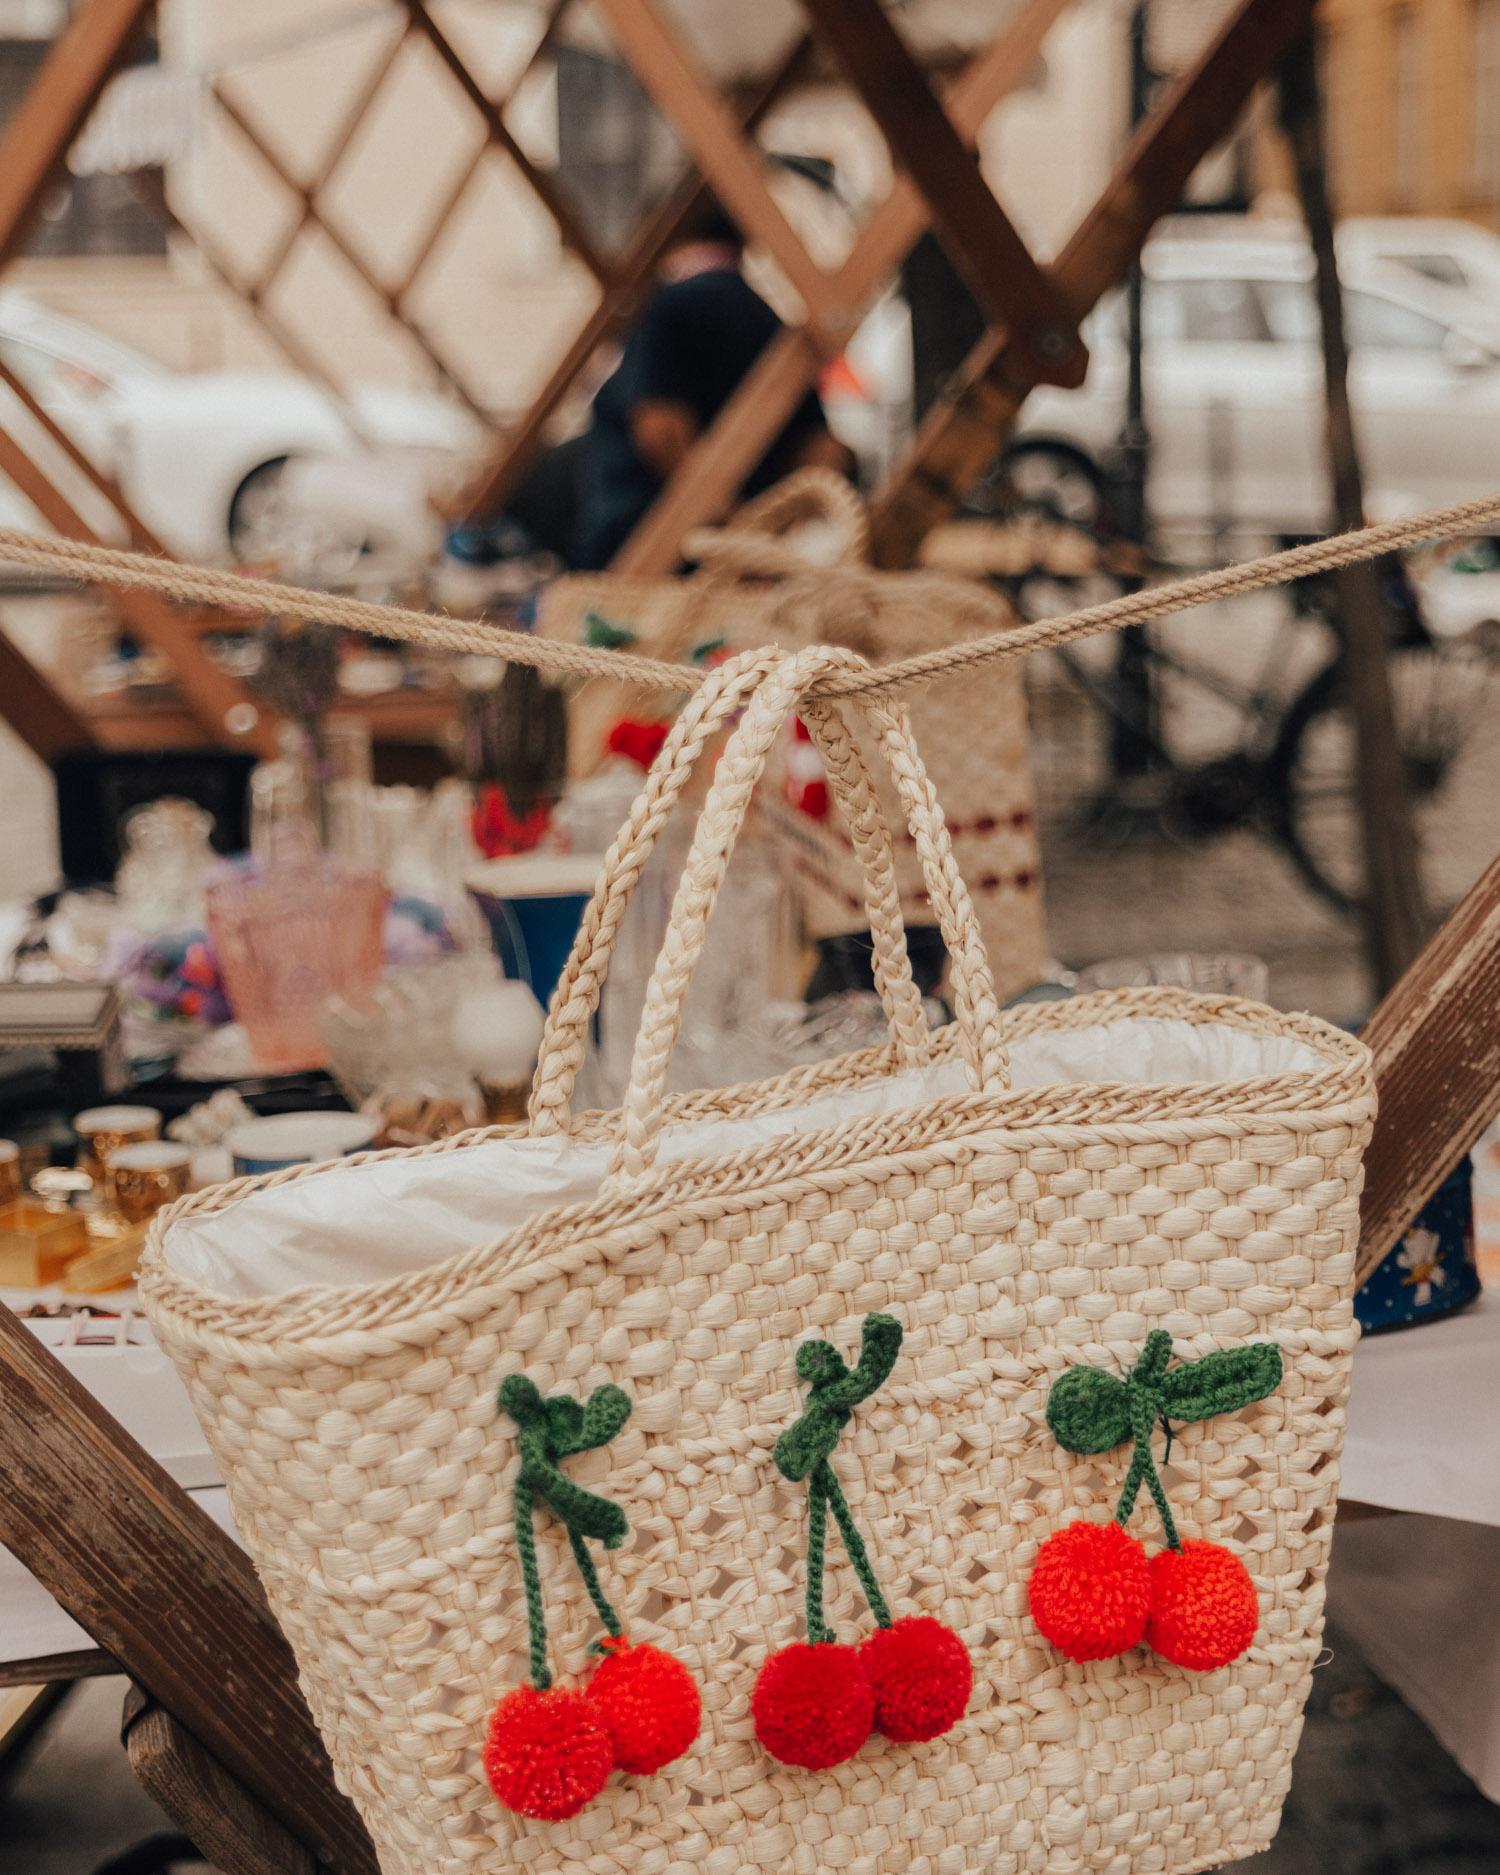 Antique market in Osijek, Croatia